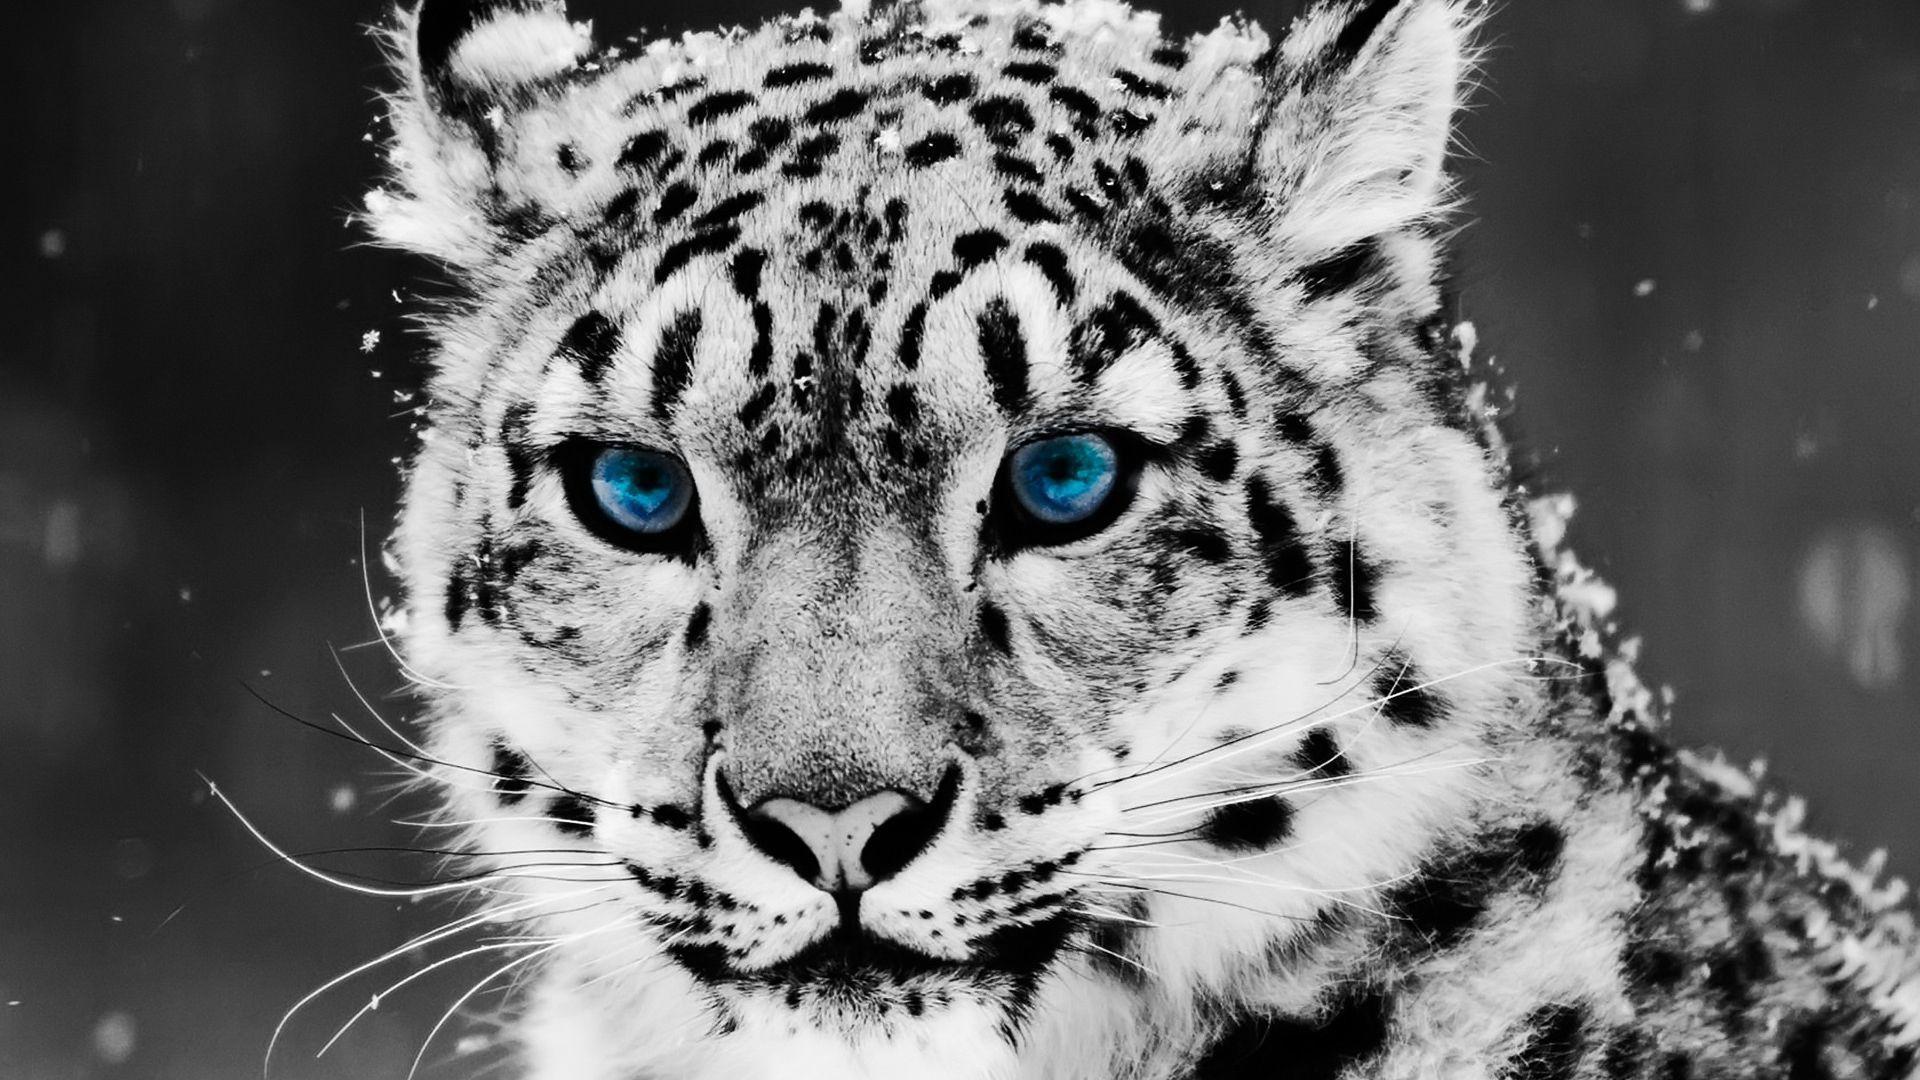 Desktop Hd White Tiger Background Images